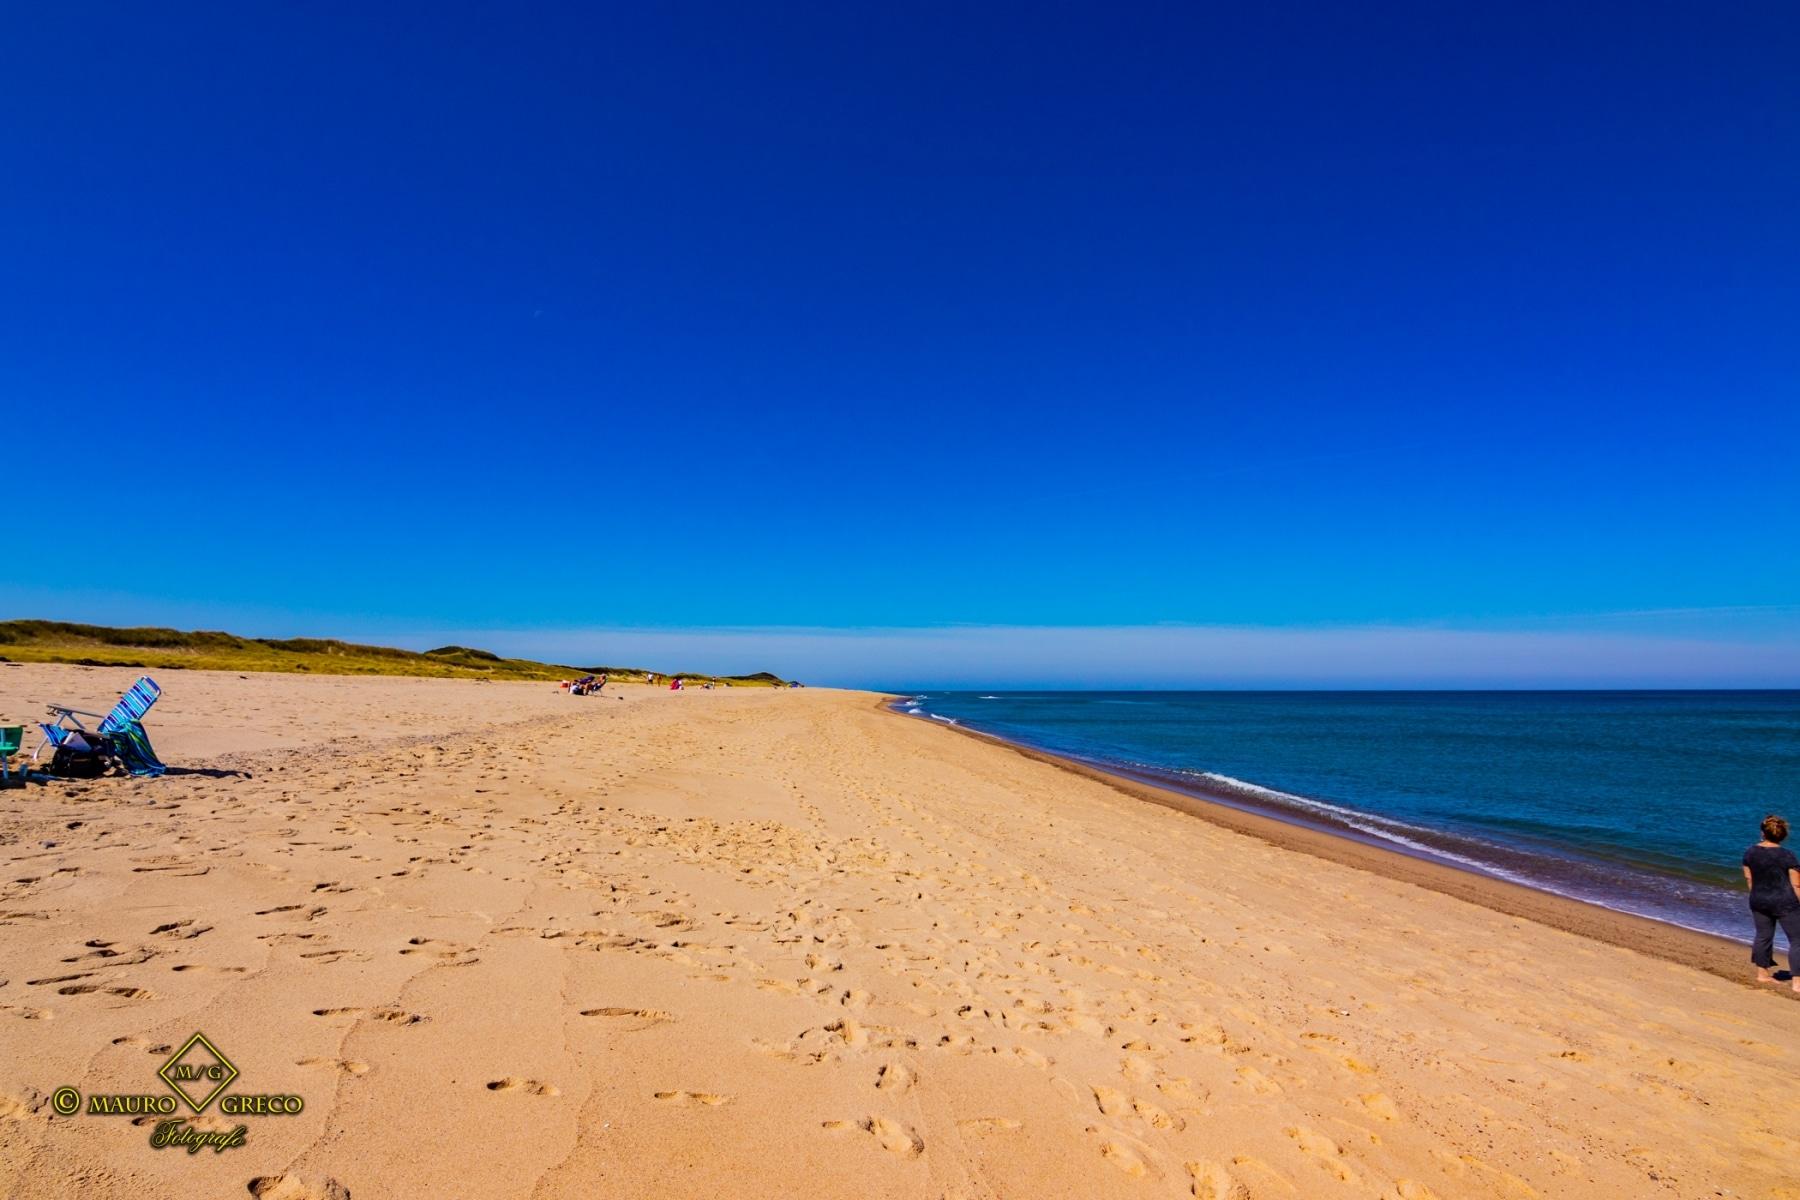 Cape Cod Massachusetts USA viaggi fotografici e vacanze Mauro Greco fotografo